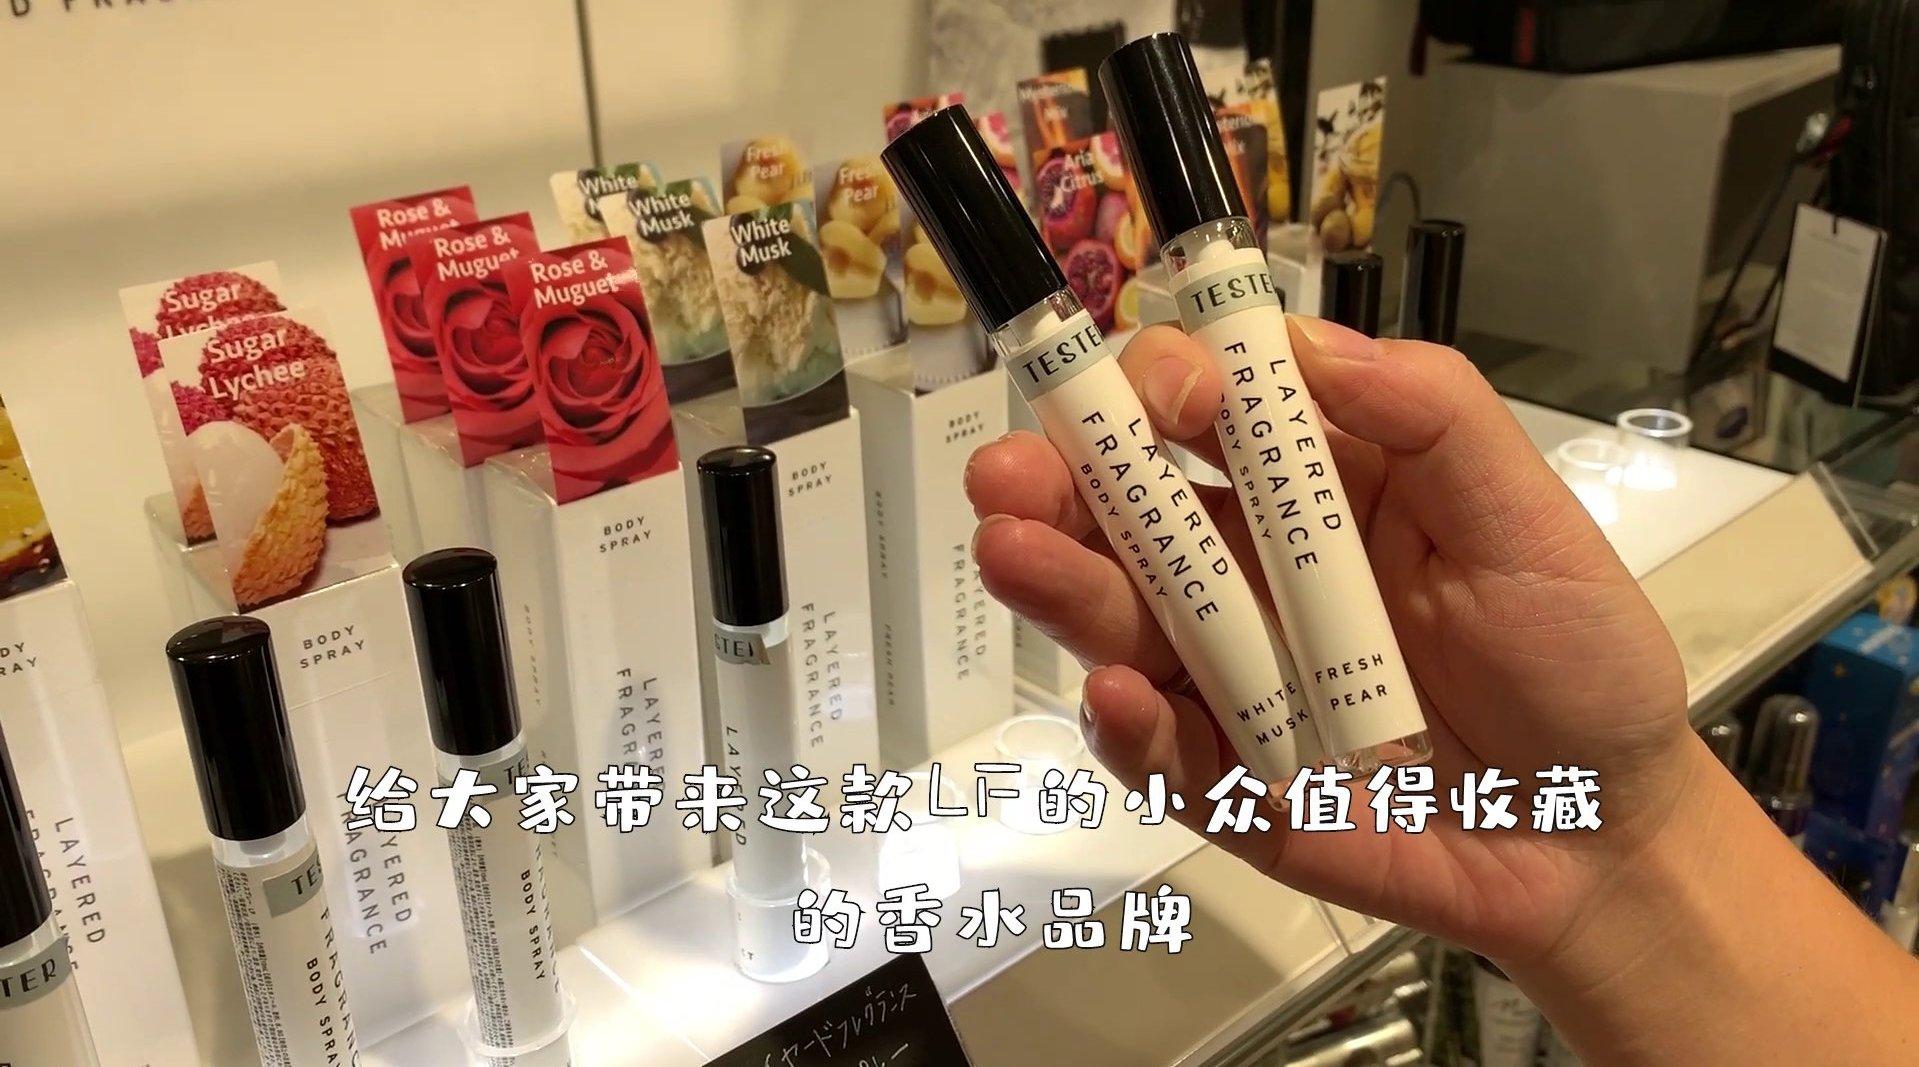 斩男香!小众轻奢日本试管淡香水,14种香味满足你各种场合的需求